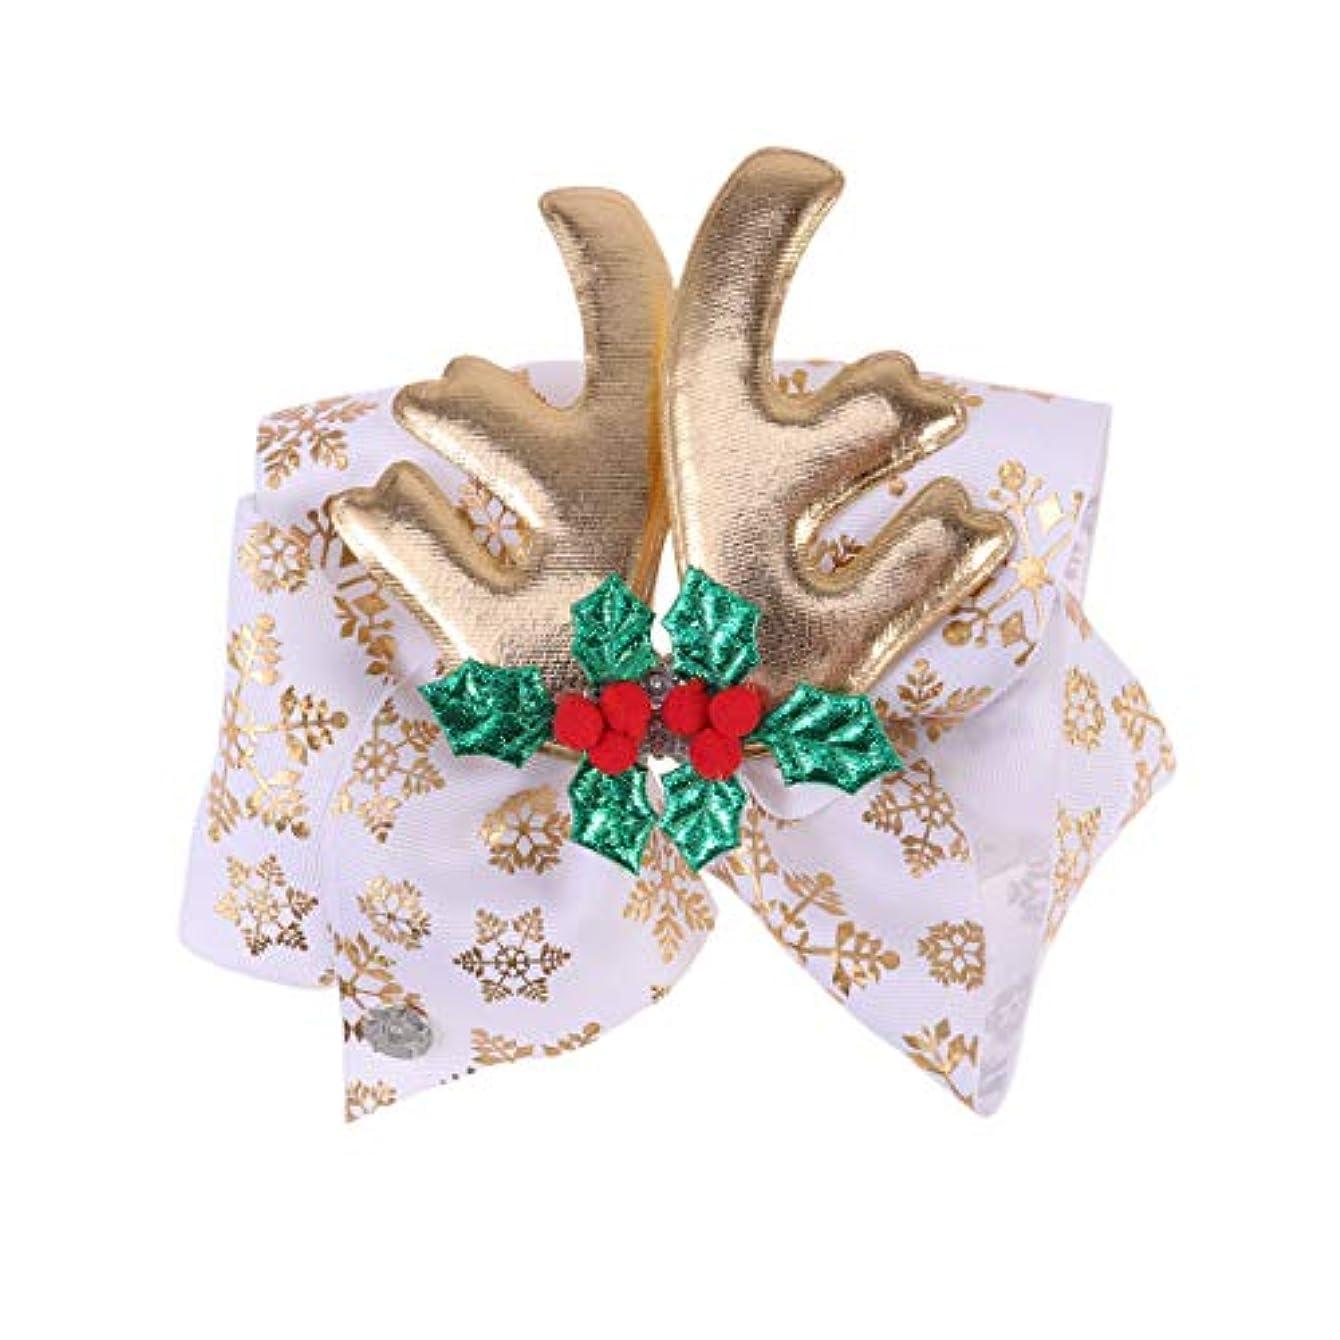 枢機卿切手司書Lurrose クリスマスの弓のヘアクリップ枝角ヘアピンクリスマスの日の子供の子供のためのダイヤモンドヘアアクセサリー